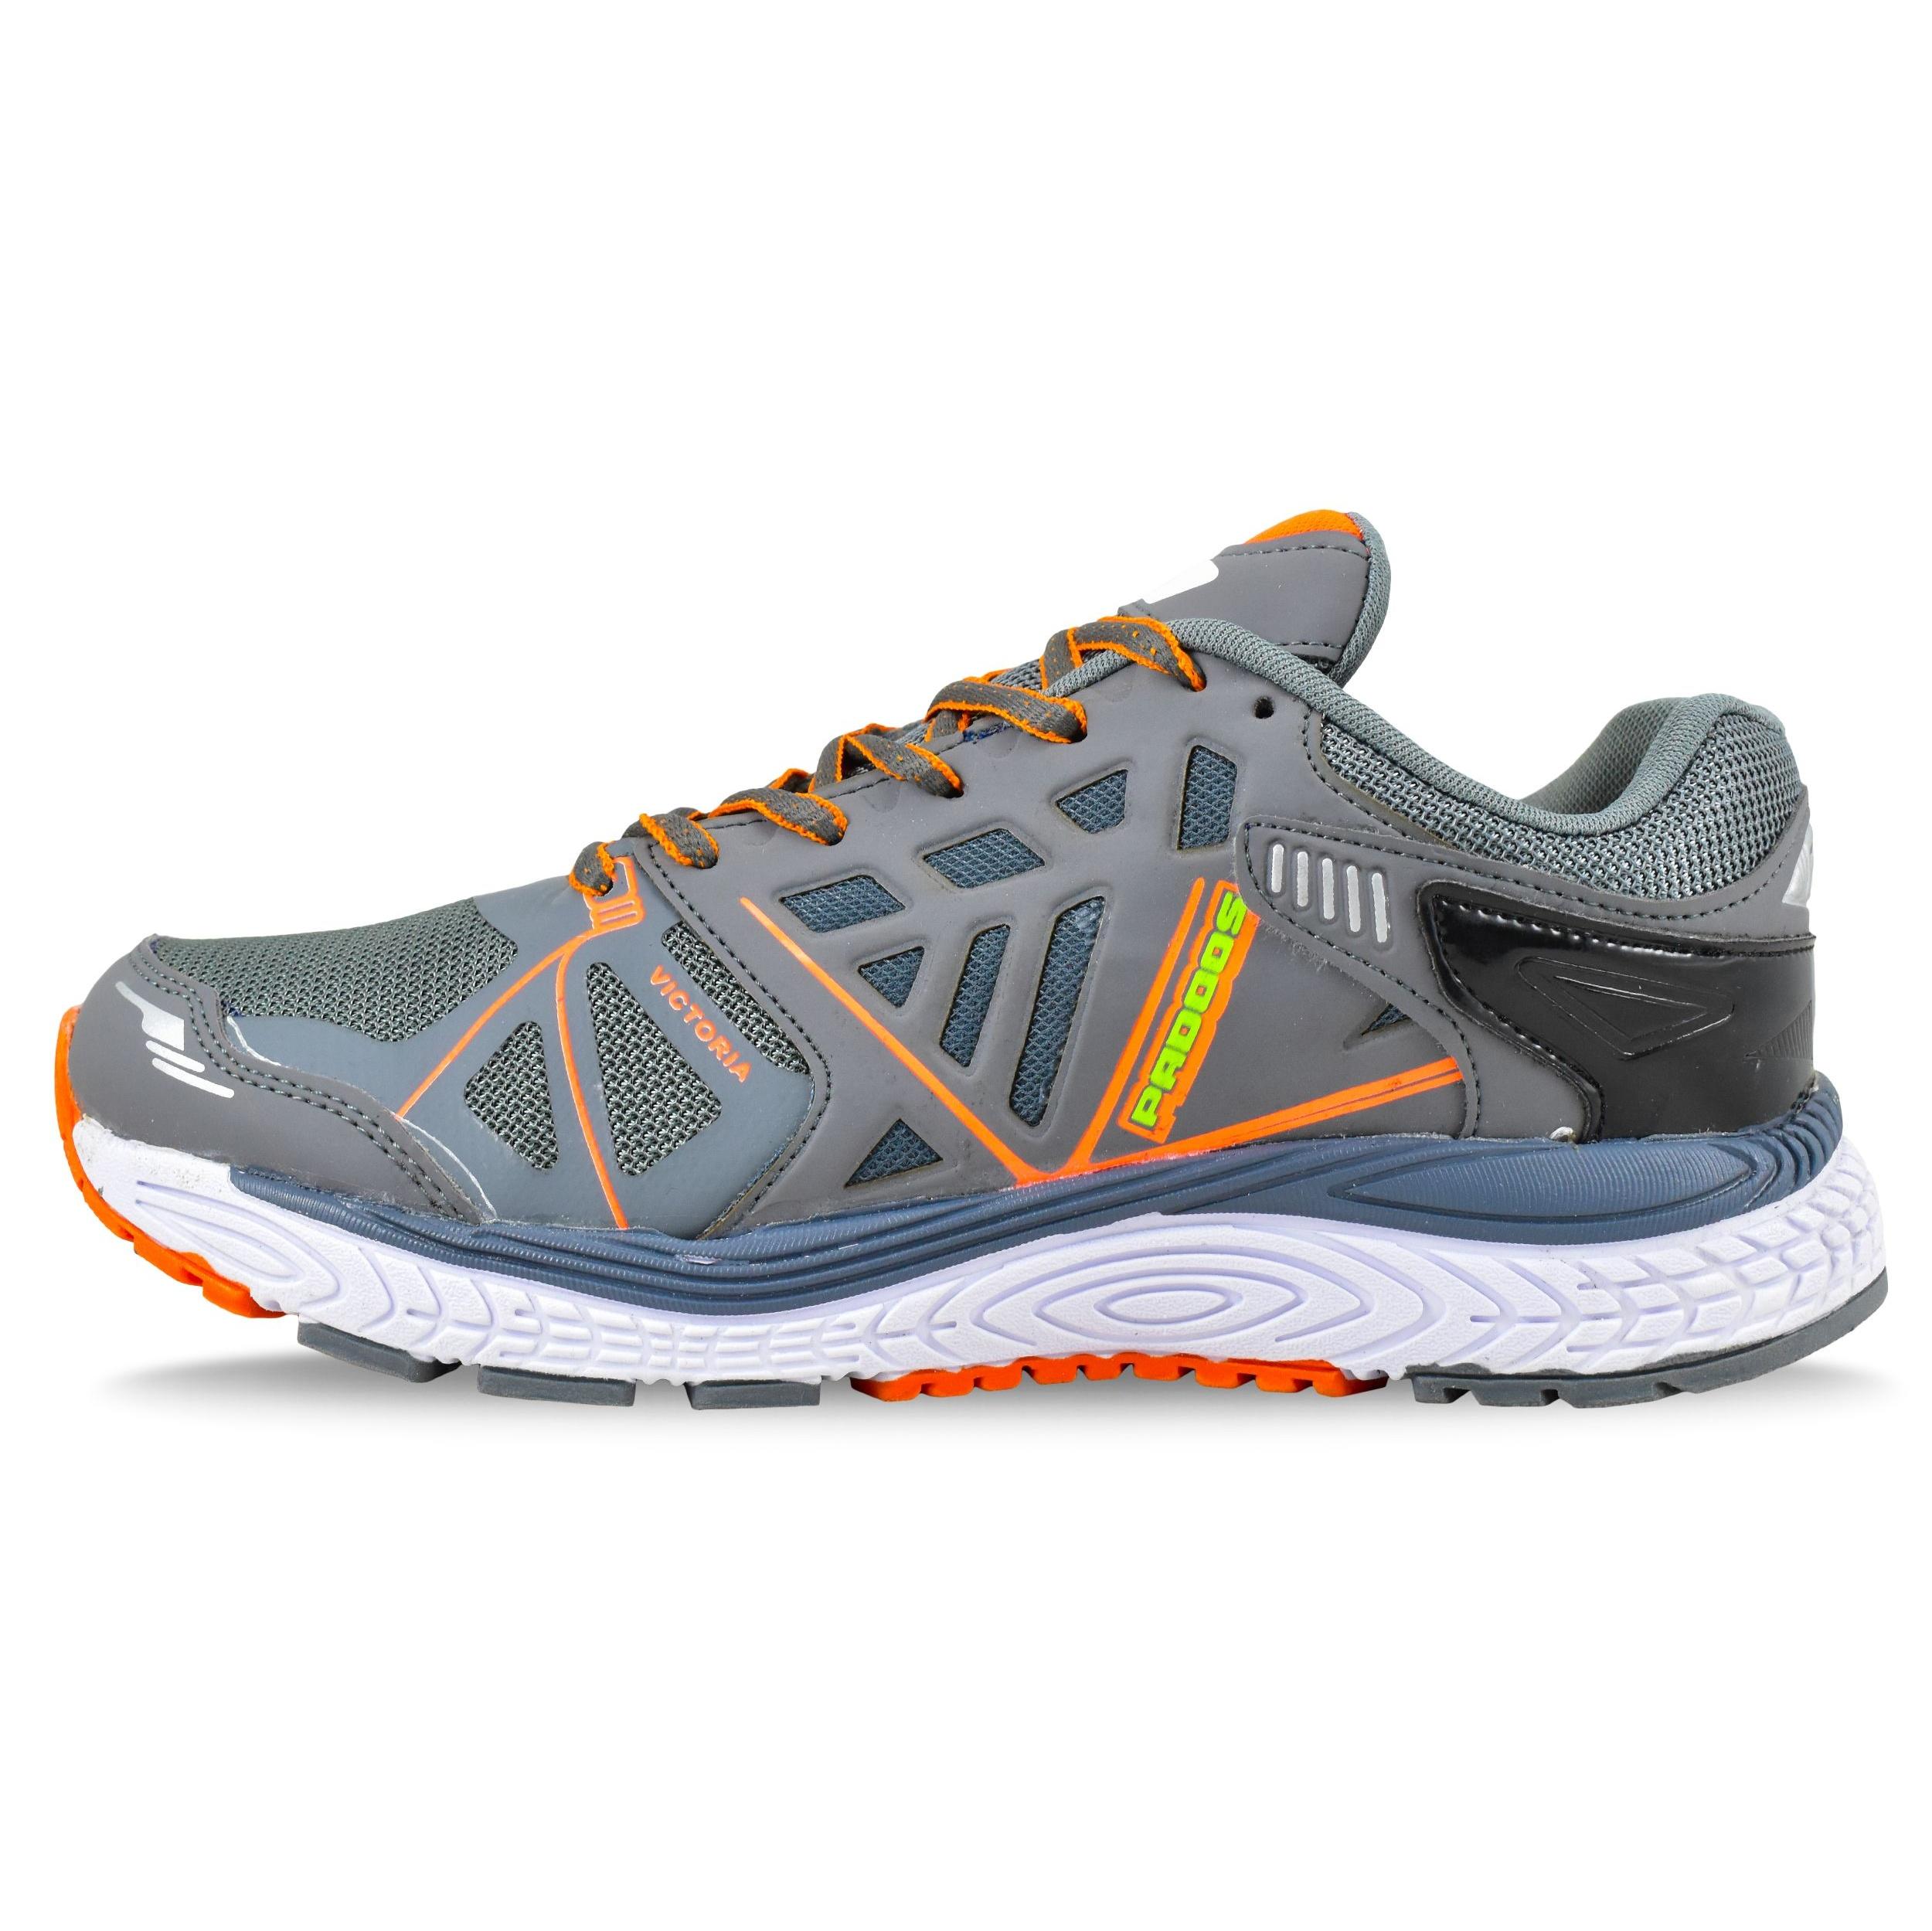 کفش مخصوص پیاده روی مردانه پادوس مدل لوییس کد 4788 main 1 1